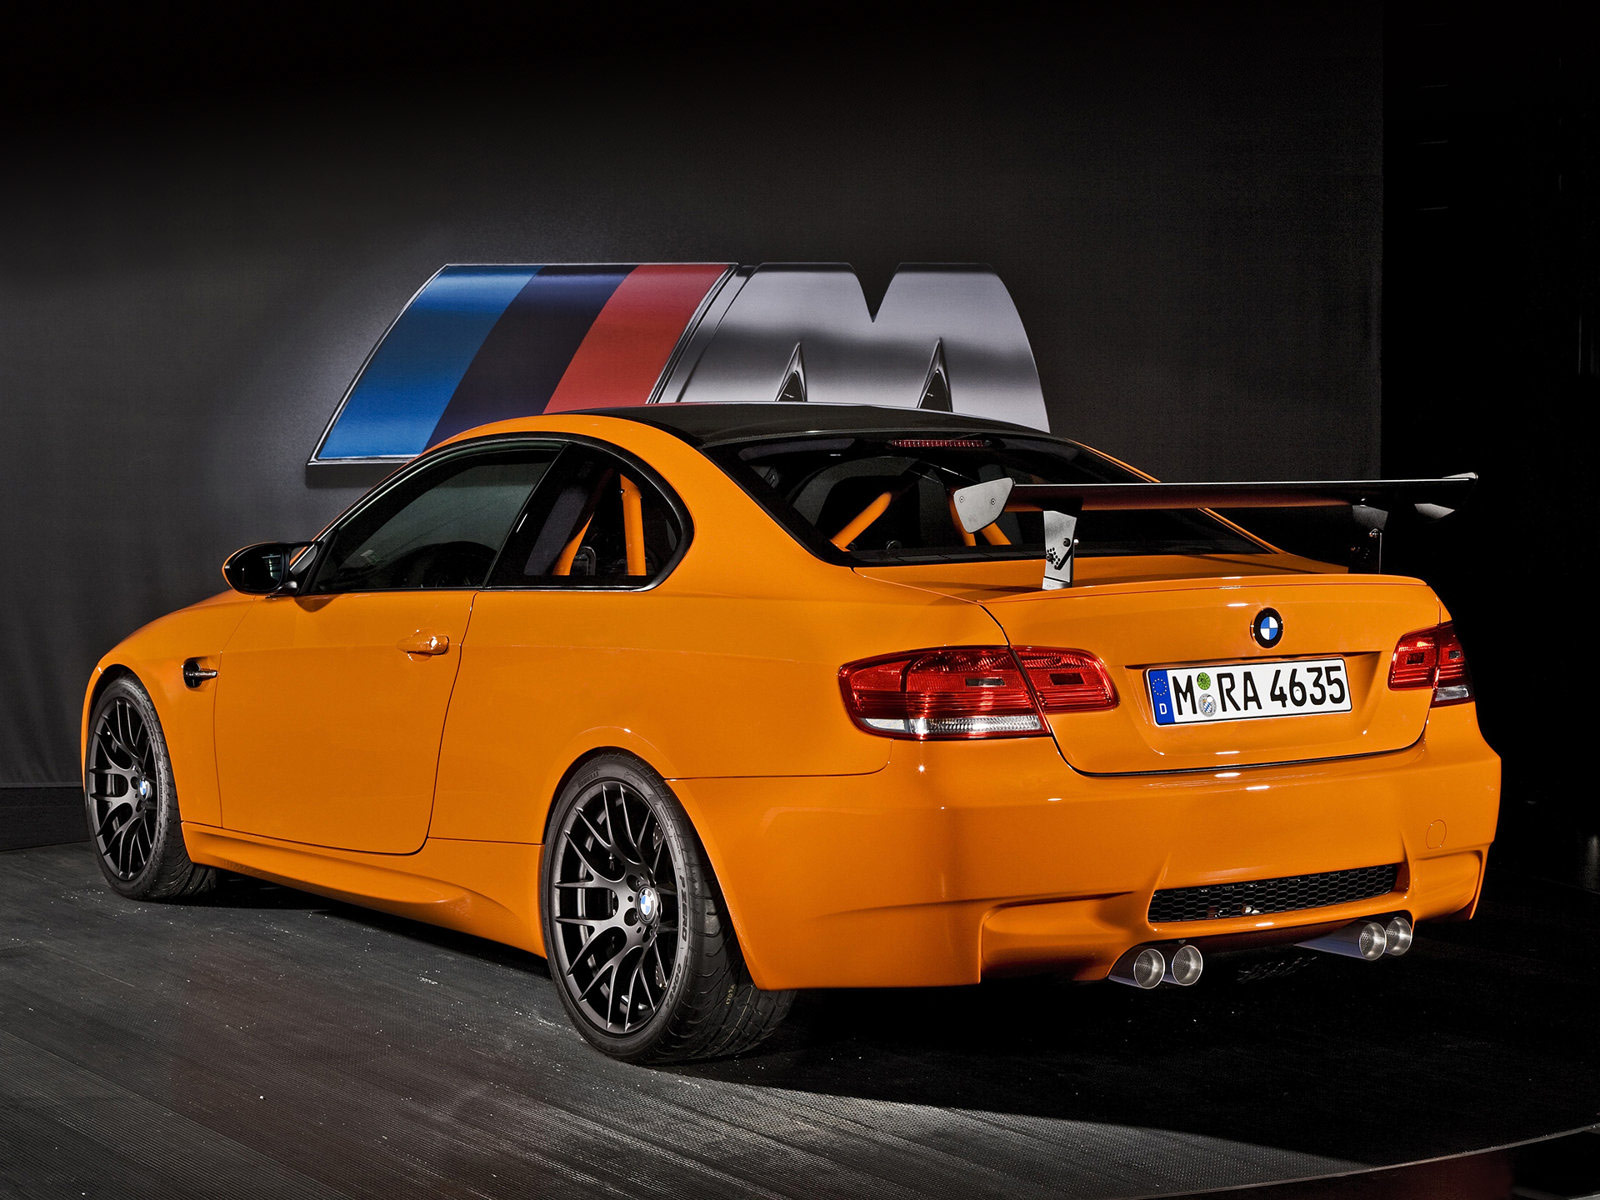 http://1.bp.blogspot.com/_DEP49tusZwg/TLU1robfICI/AAAAAAAACAE/t1L__WIV9tI/s1600/BMW-M3_GTS_2011_8.jpg